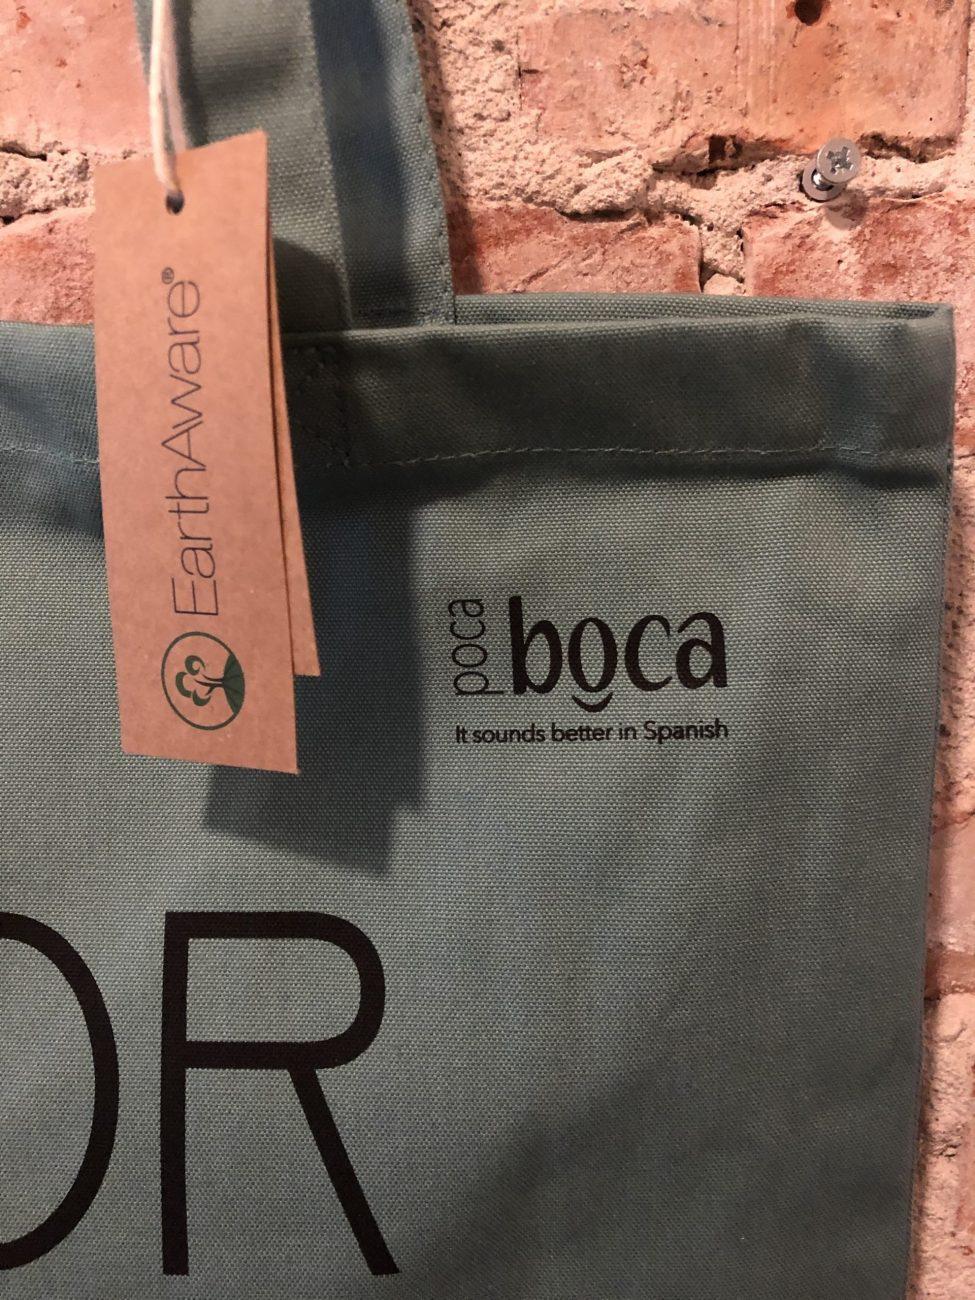 Groene tas met logo Poca Boca Amor por Favor voor muur